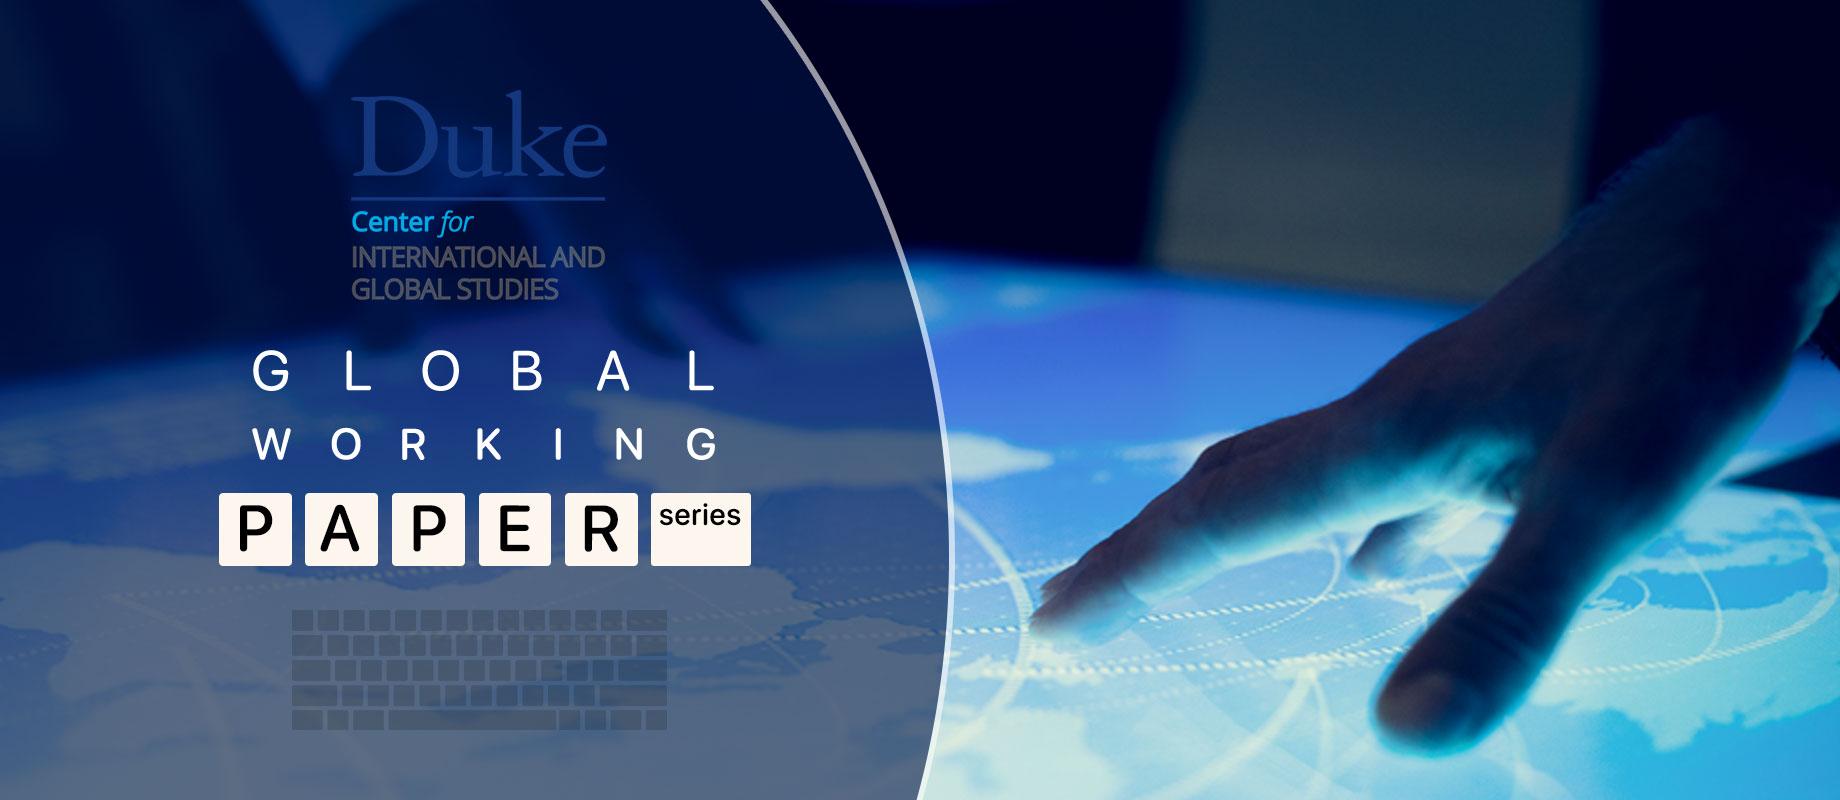 GlobalWorkingPaperSeriesBanner.jpg